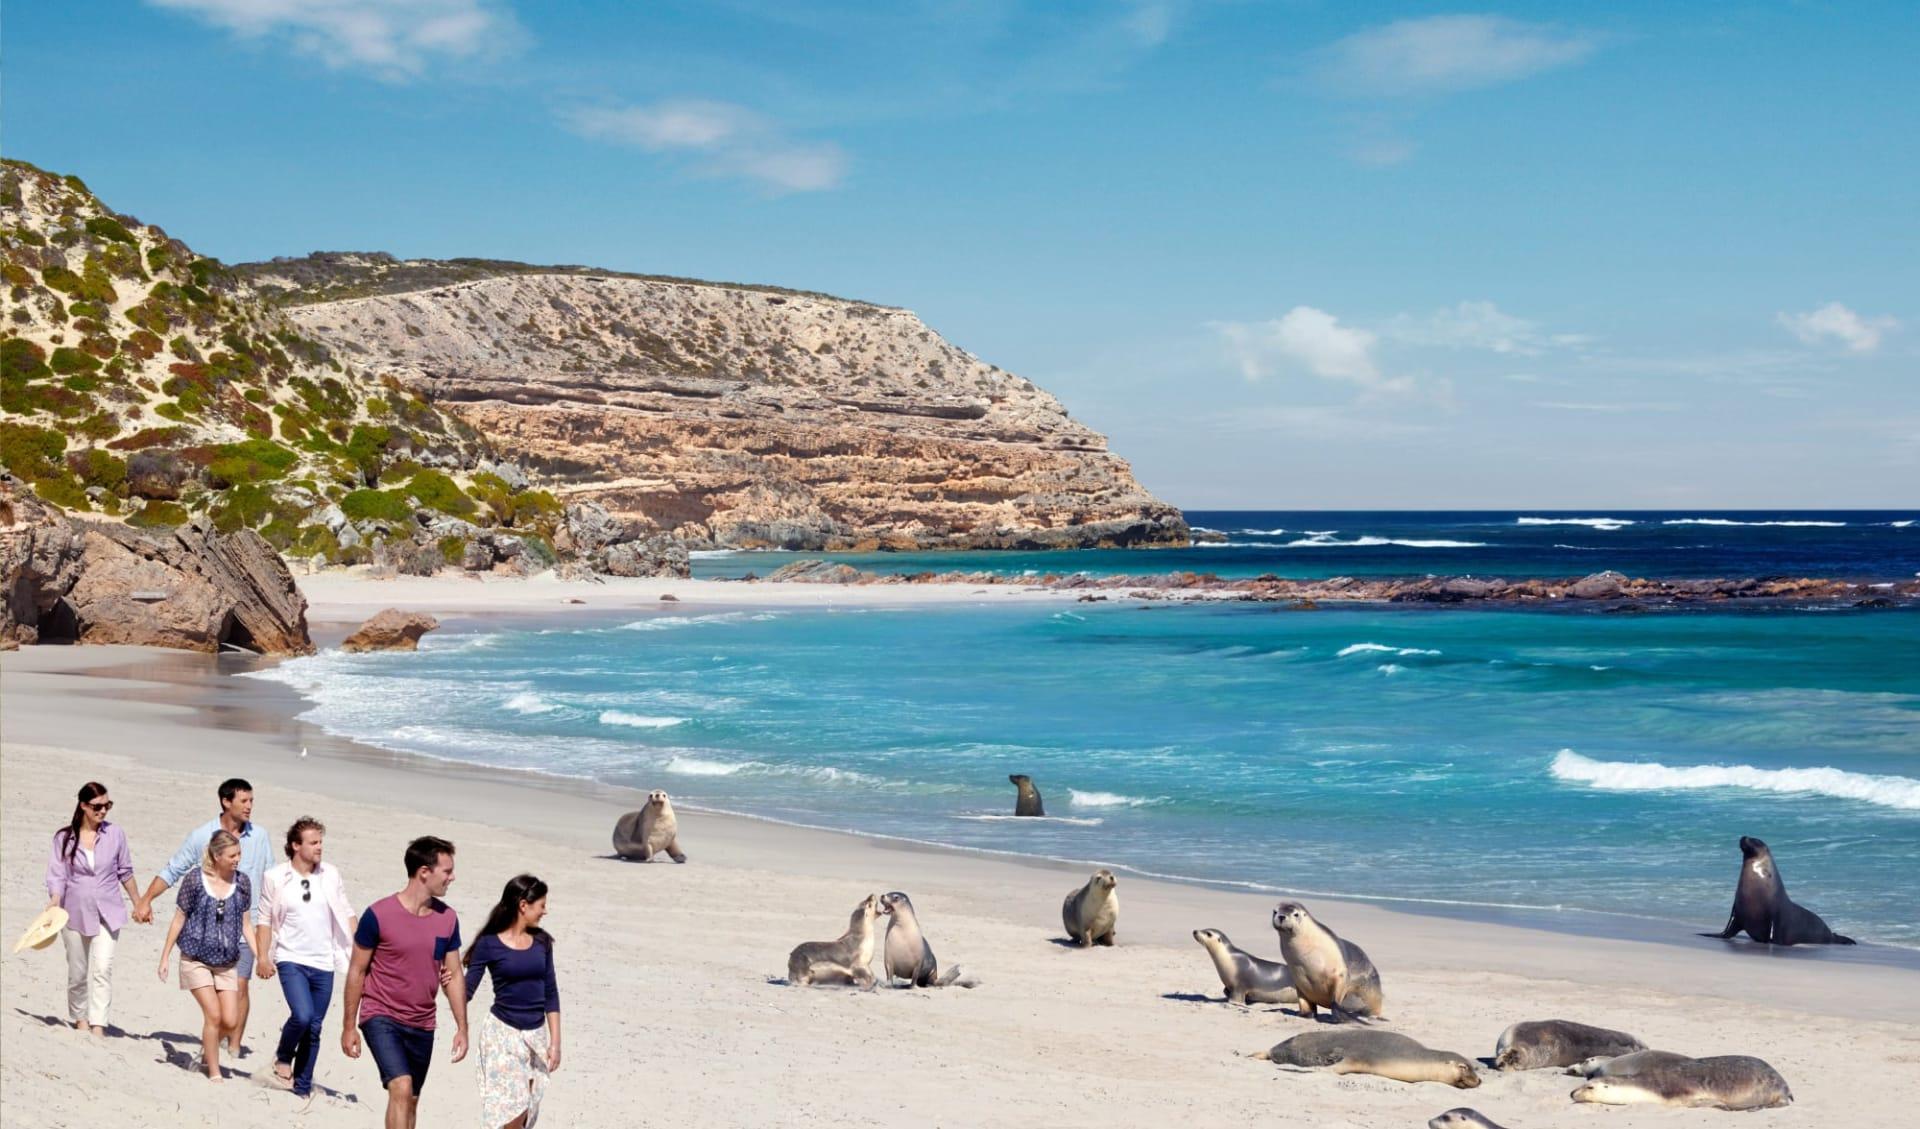 Kangaroo Island Adventure Tour ab Adelaide: Australien - Kangaroo Island - Robben - Copyright South Australia Tourism - Photographer Paul Torcello